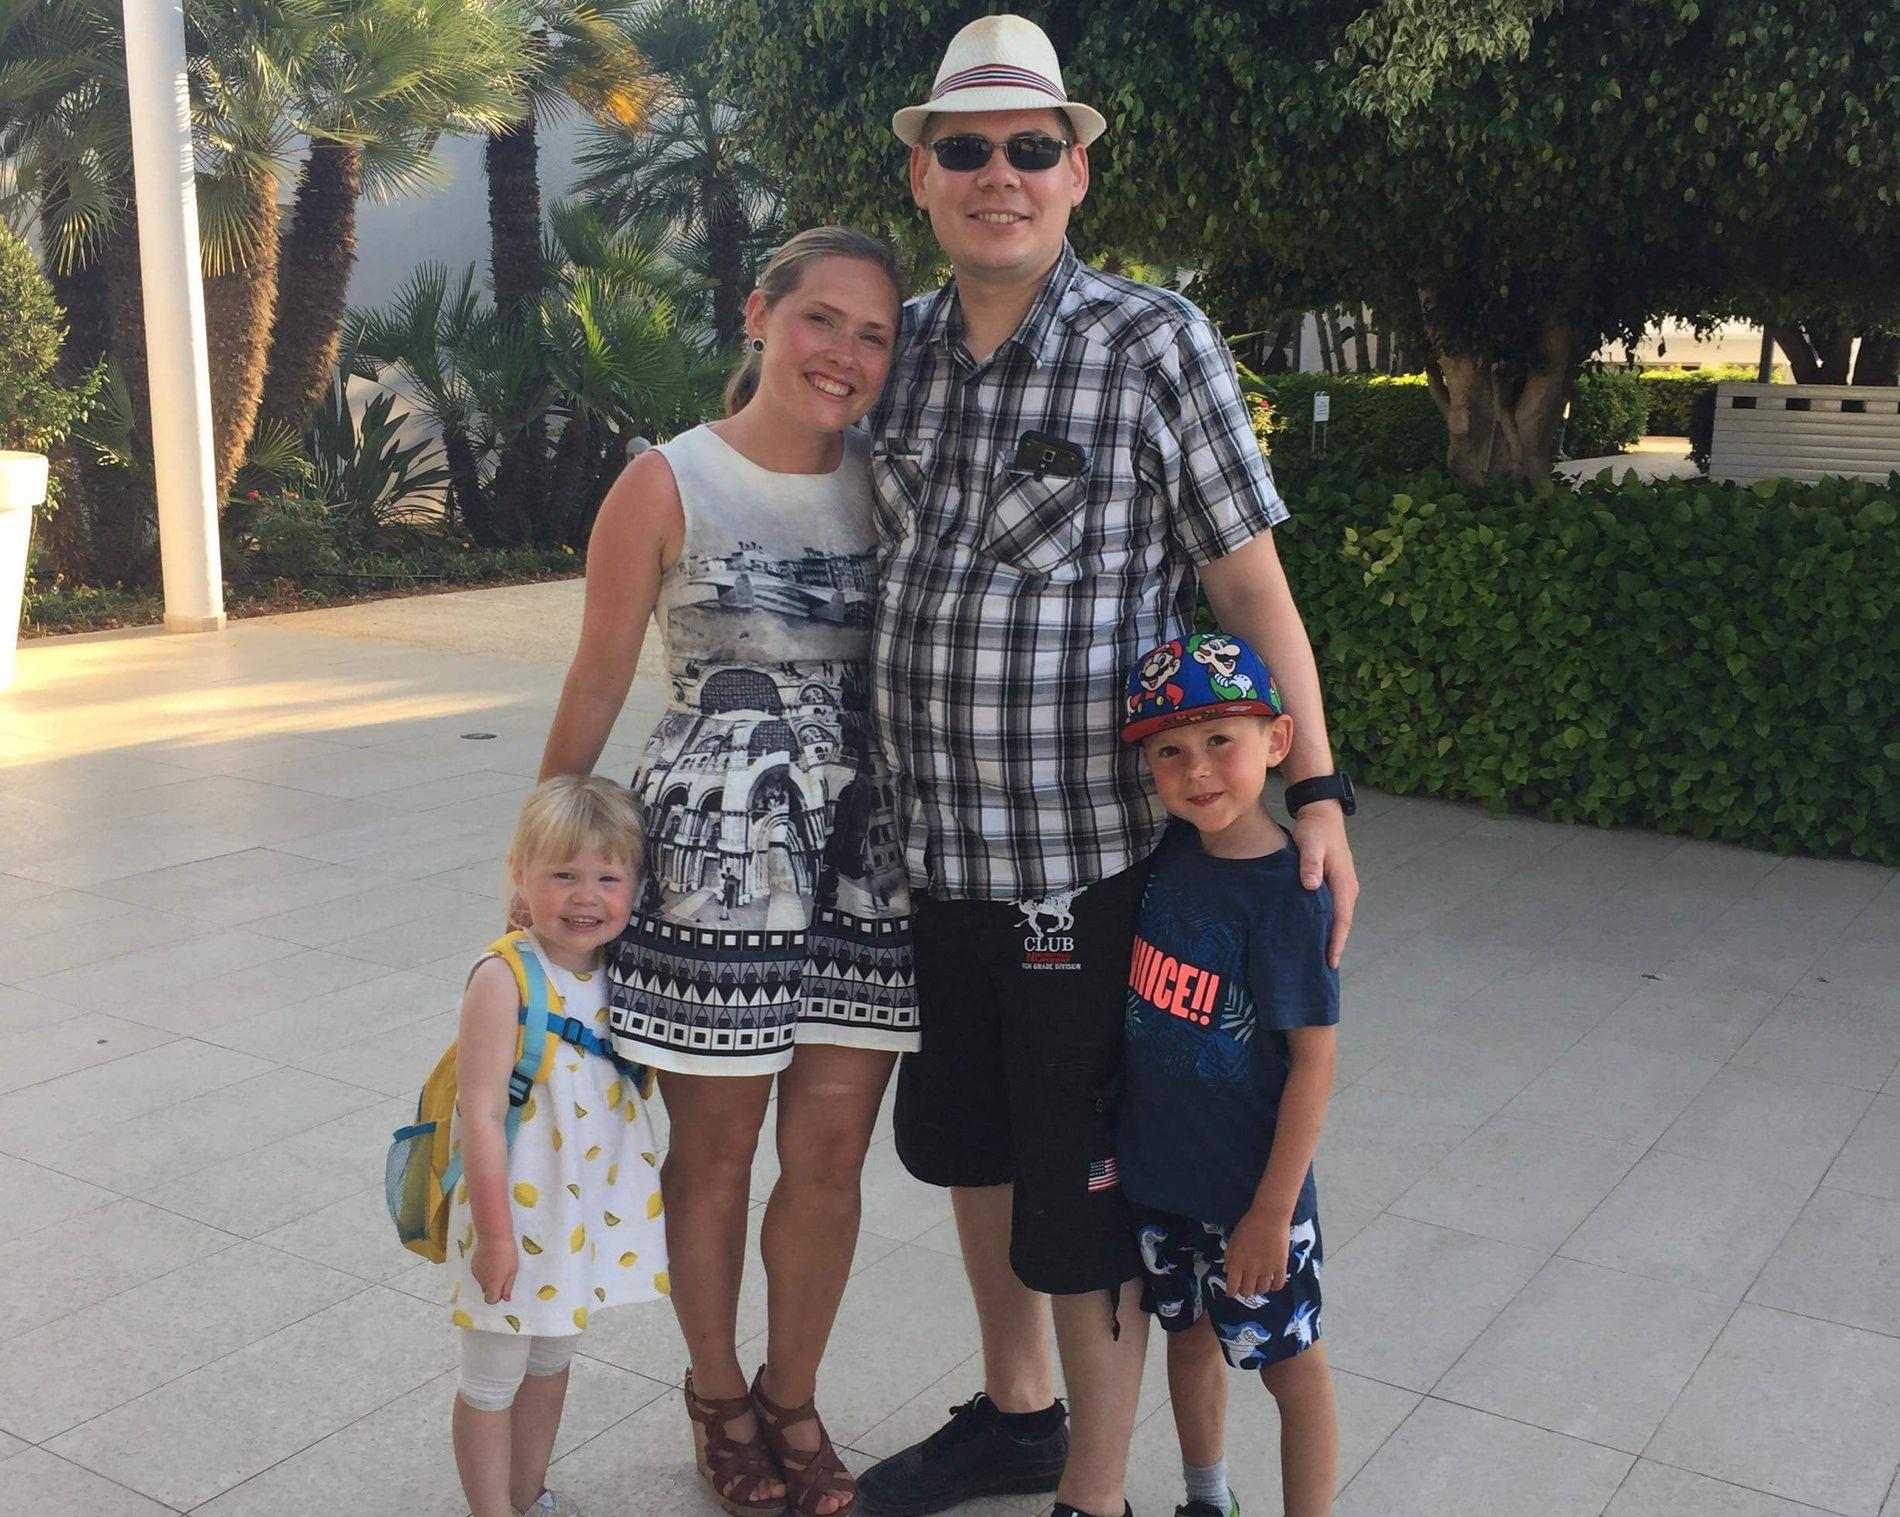 FERIE: I fjor ble sommerferien tilbrakt på rehabilitering – i år dro hele familien til Kypros. Familien Knudsen består av Stine og Kristian, og de to barna Olivia (3) og Audun (6).